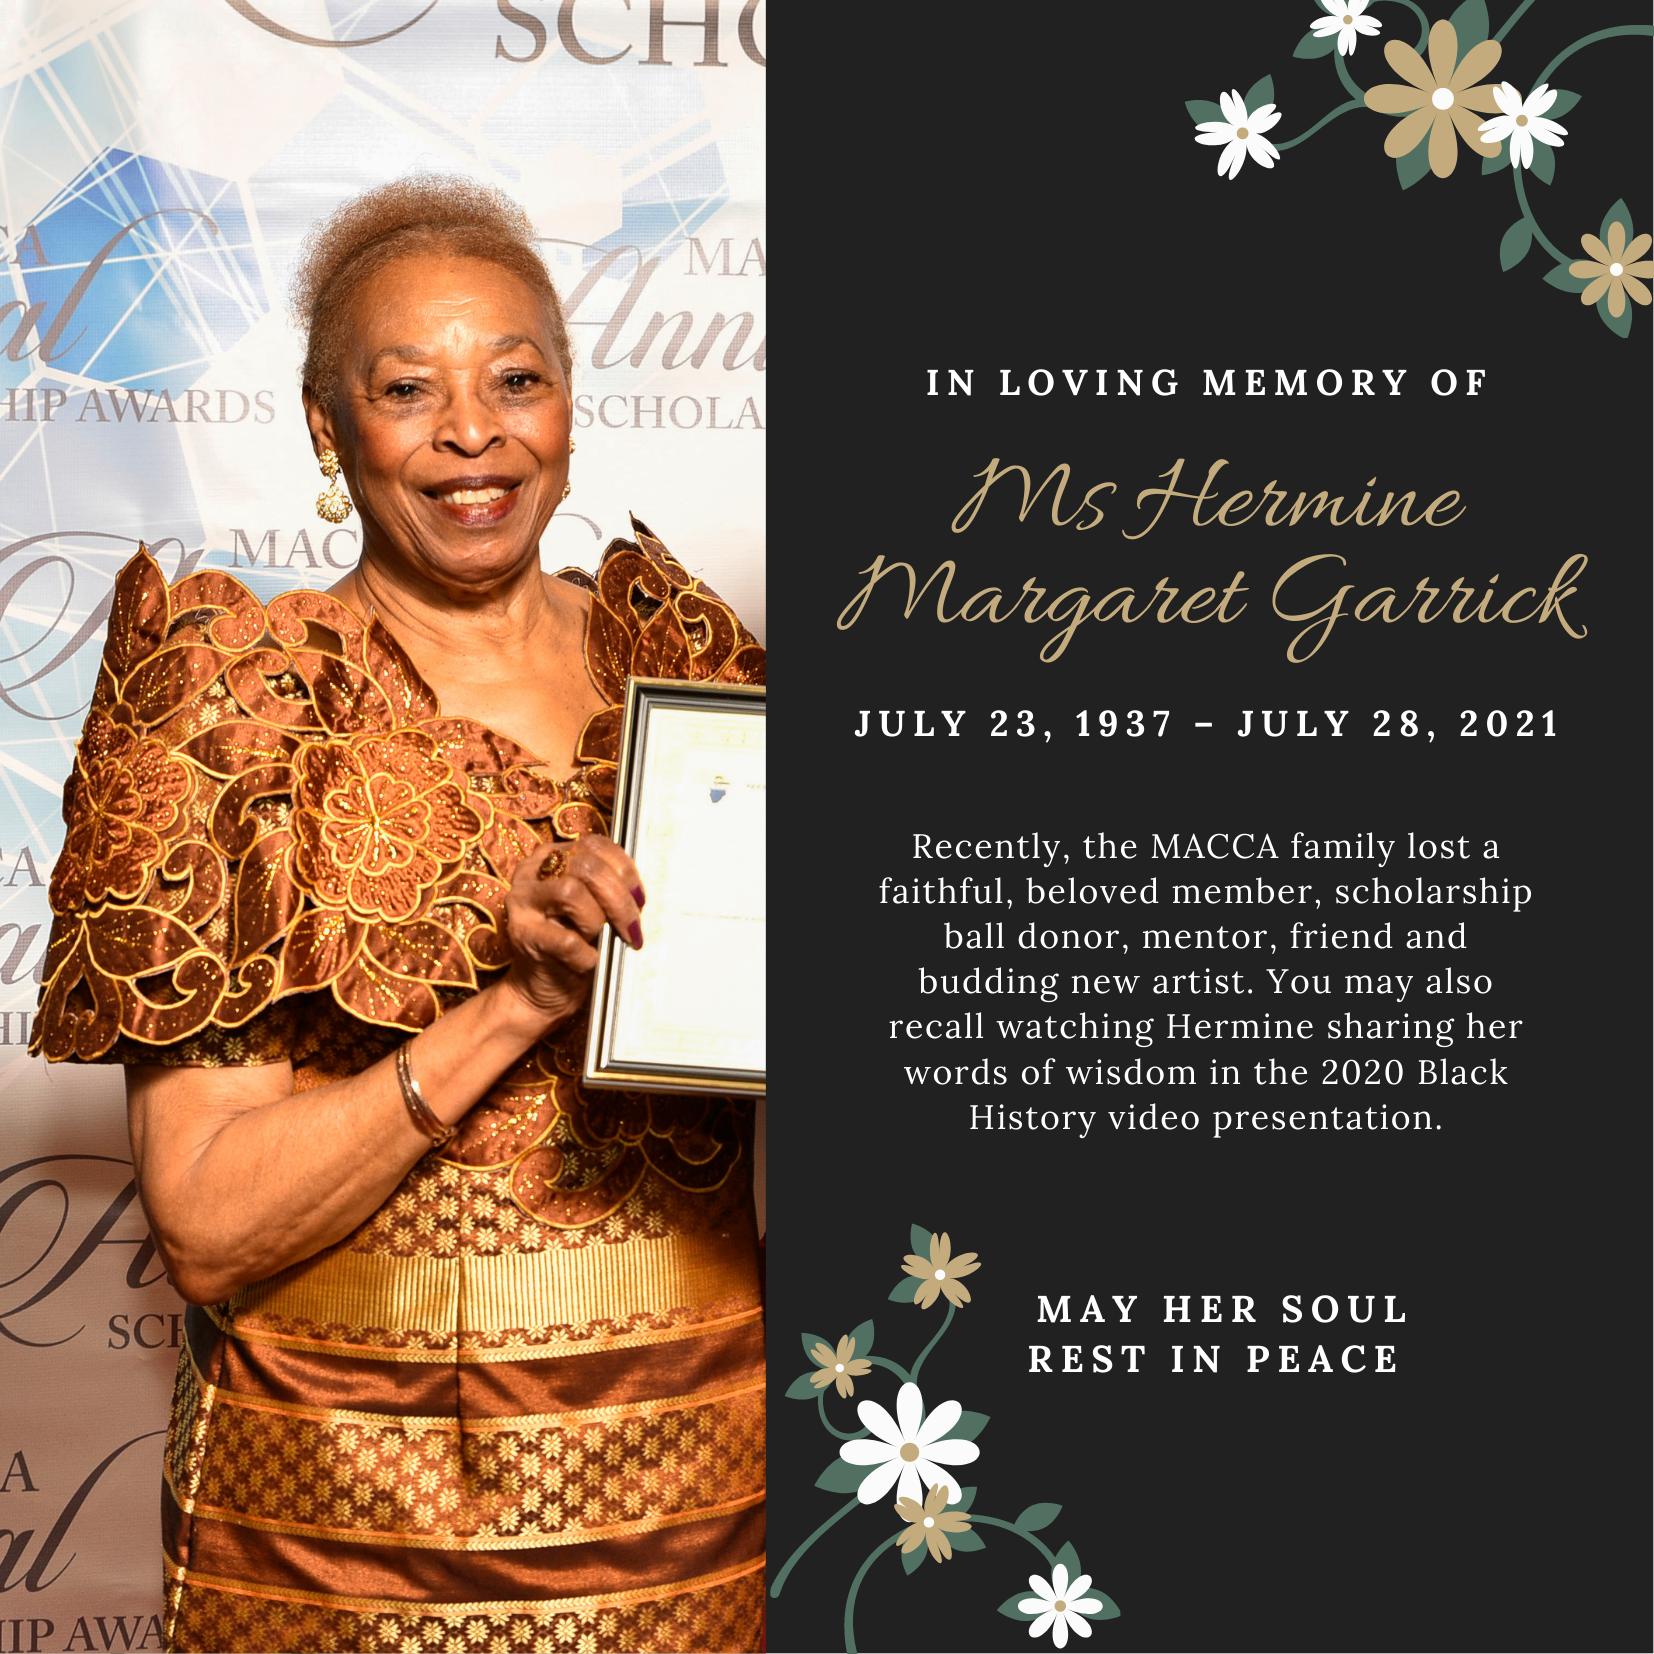 Poster for Ms Hermine Margaret Garrick memorial